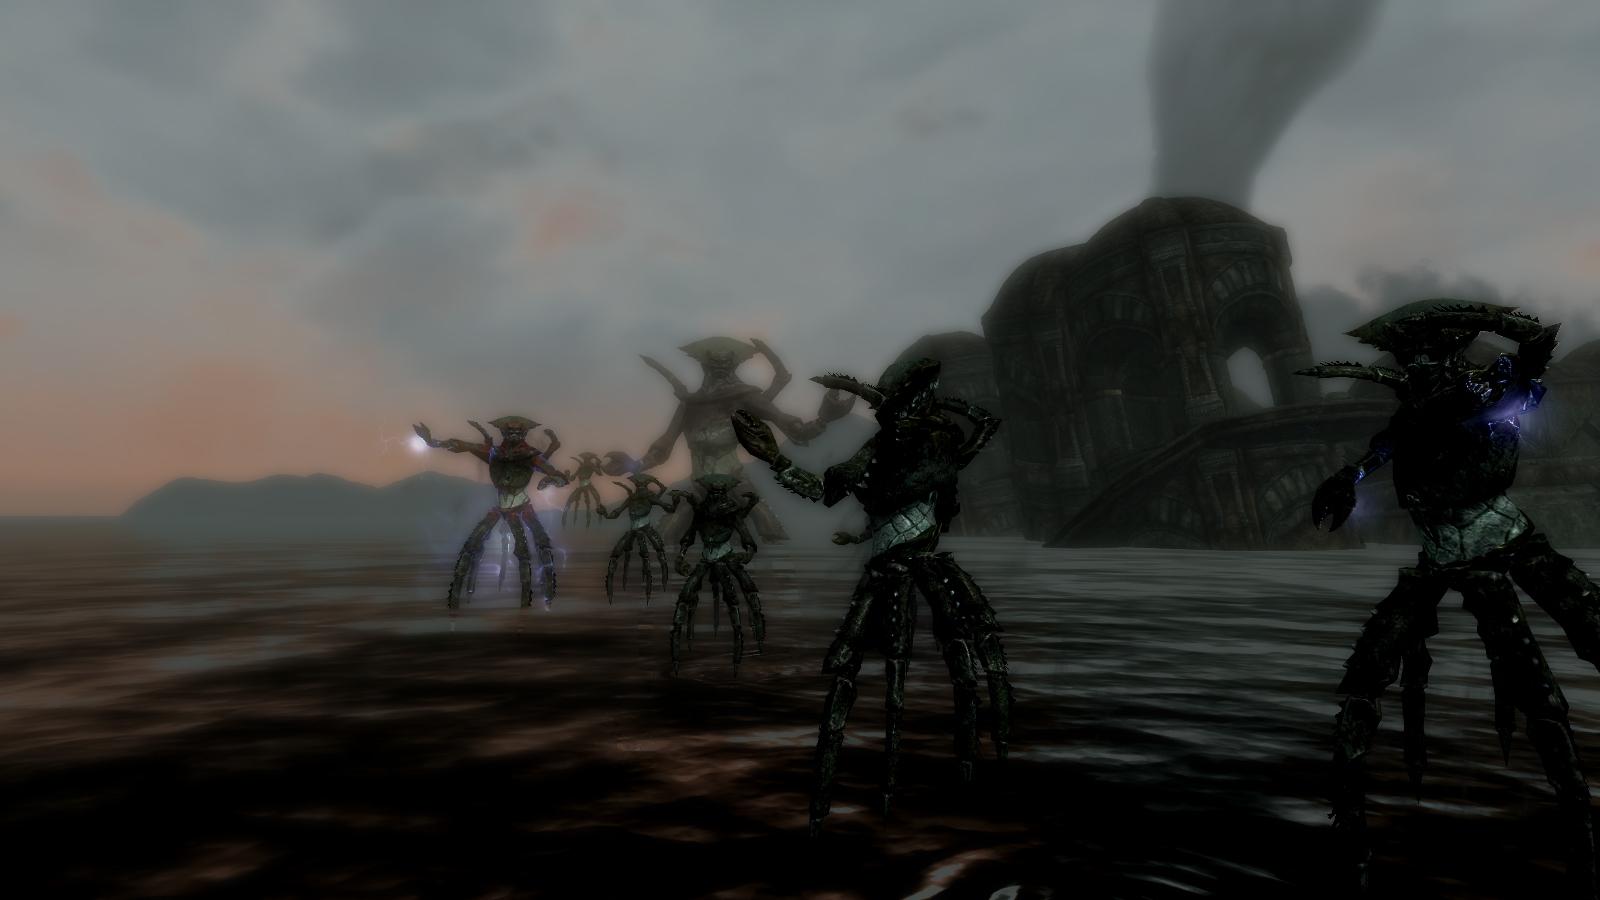 《上古卷轴5》新MOD克苏鲁的召唤 大战怪兽和巨龙